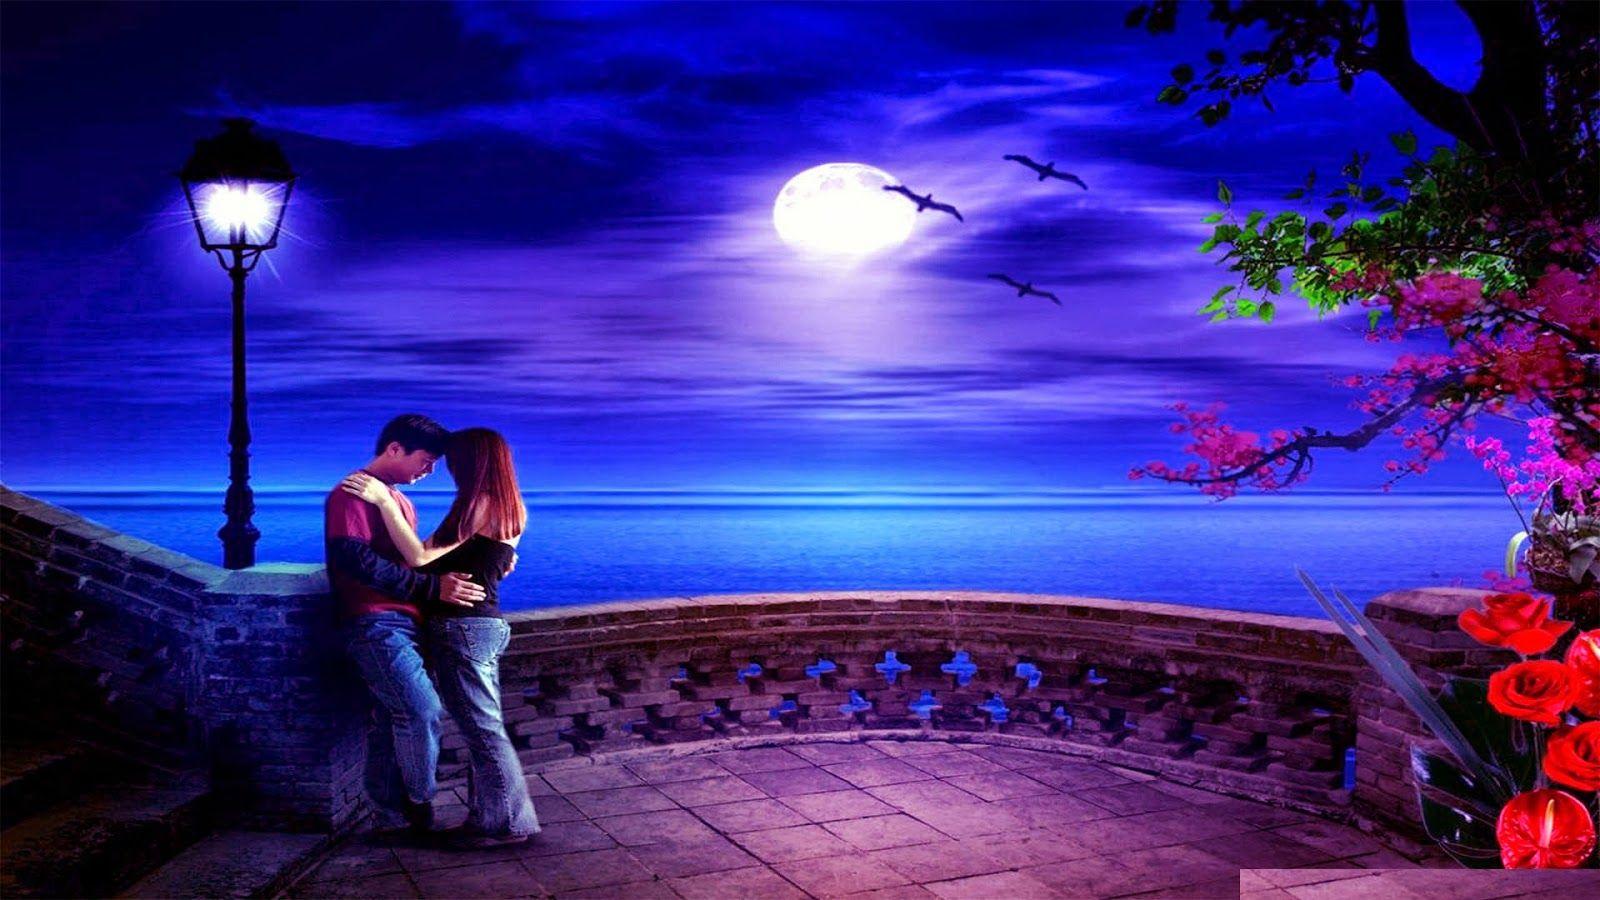 wallpaper 3d romantic